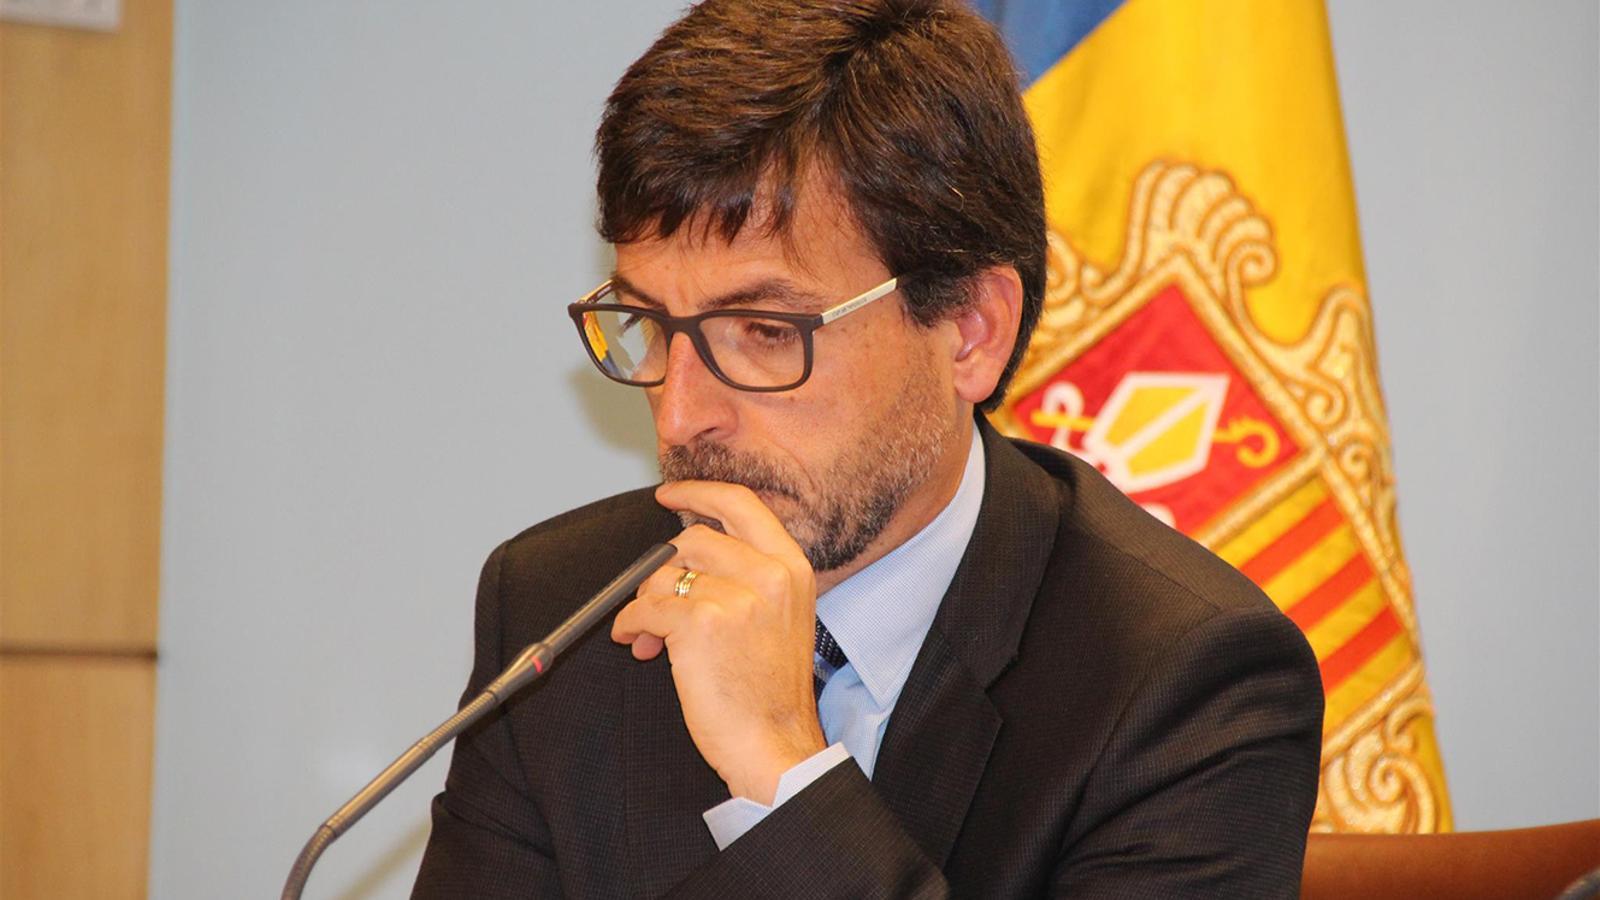 El ministre de Finances, Jordi Cinca, en una imatge d'arxiu. / ARXIU ANA